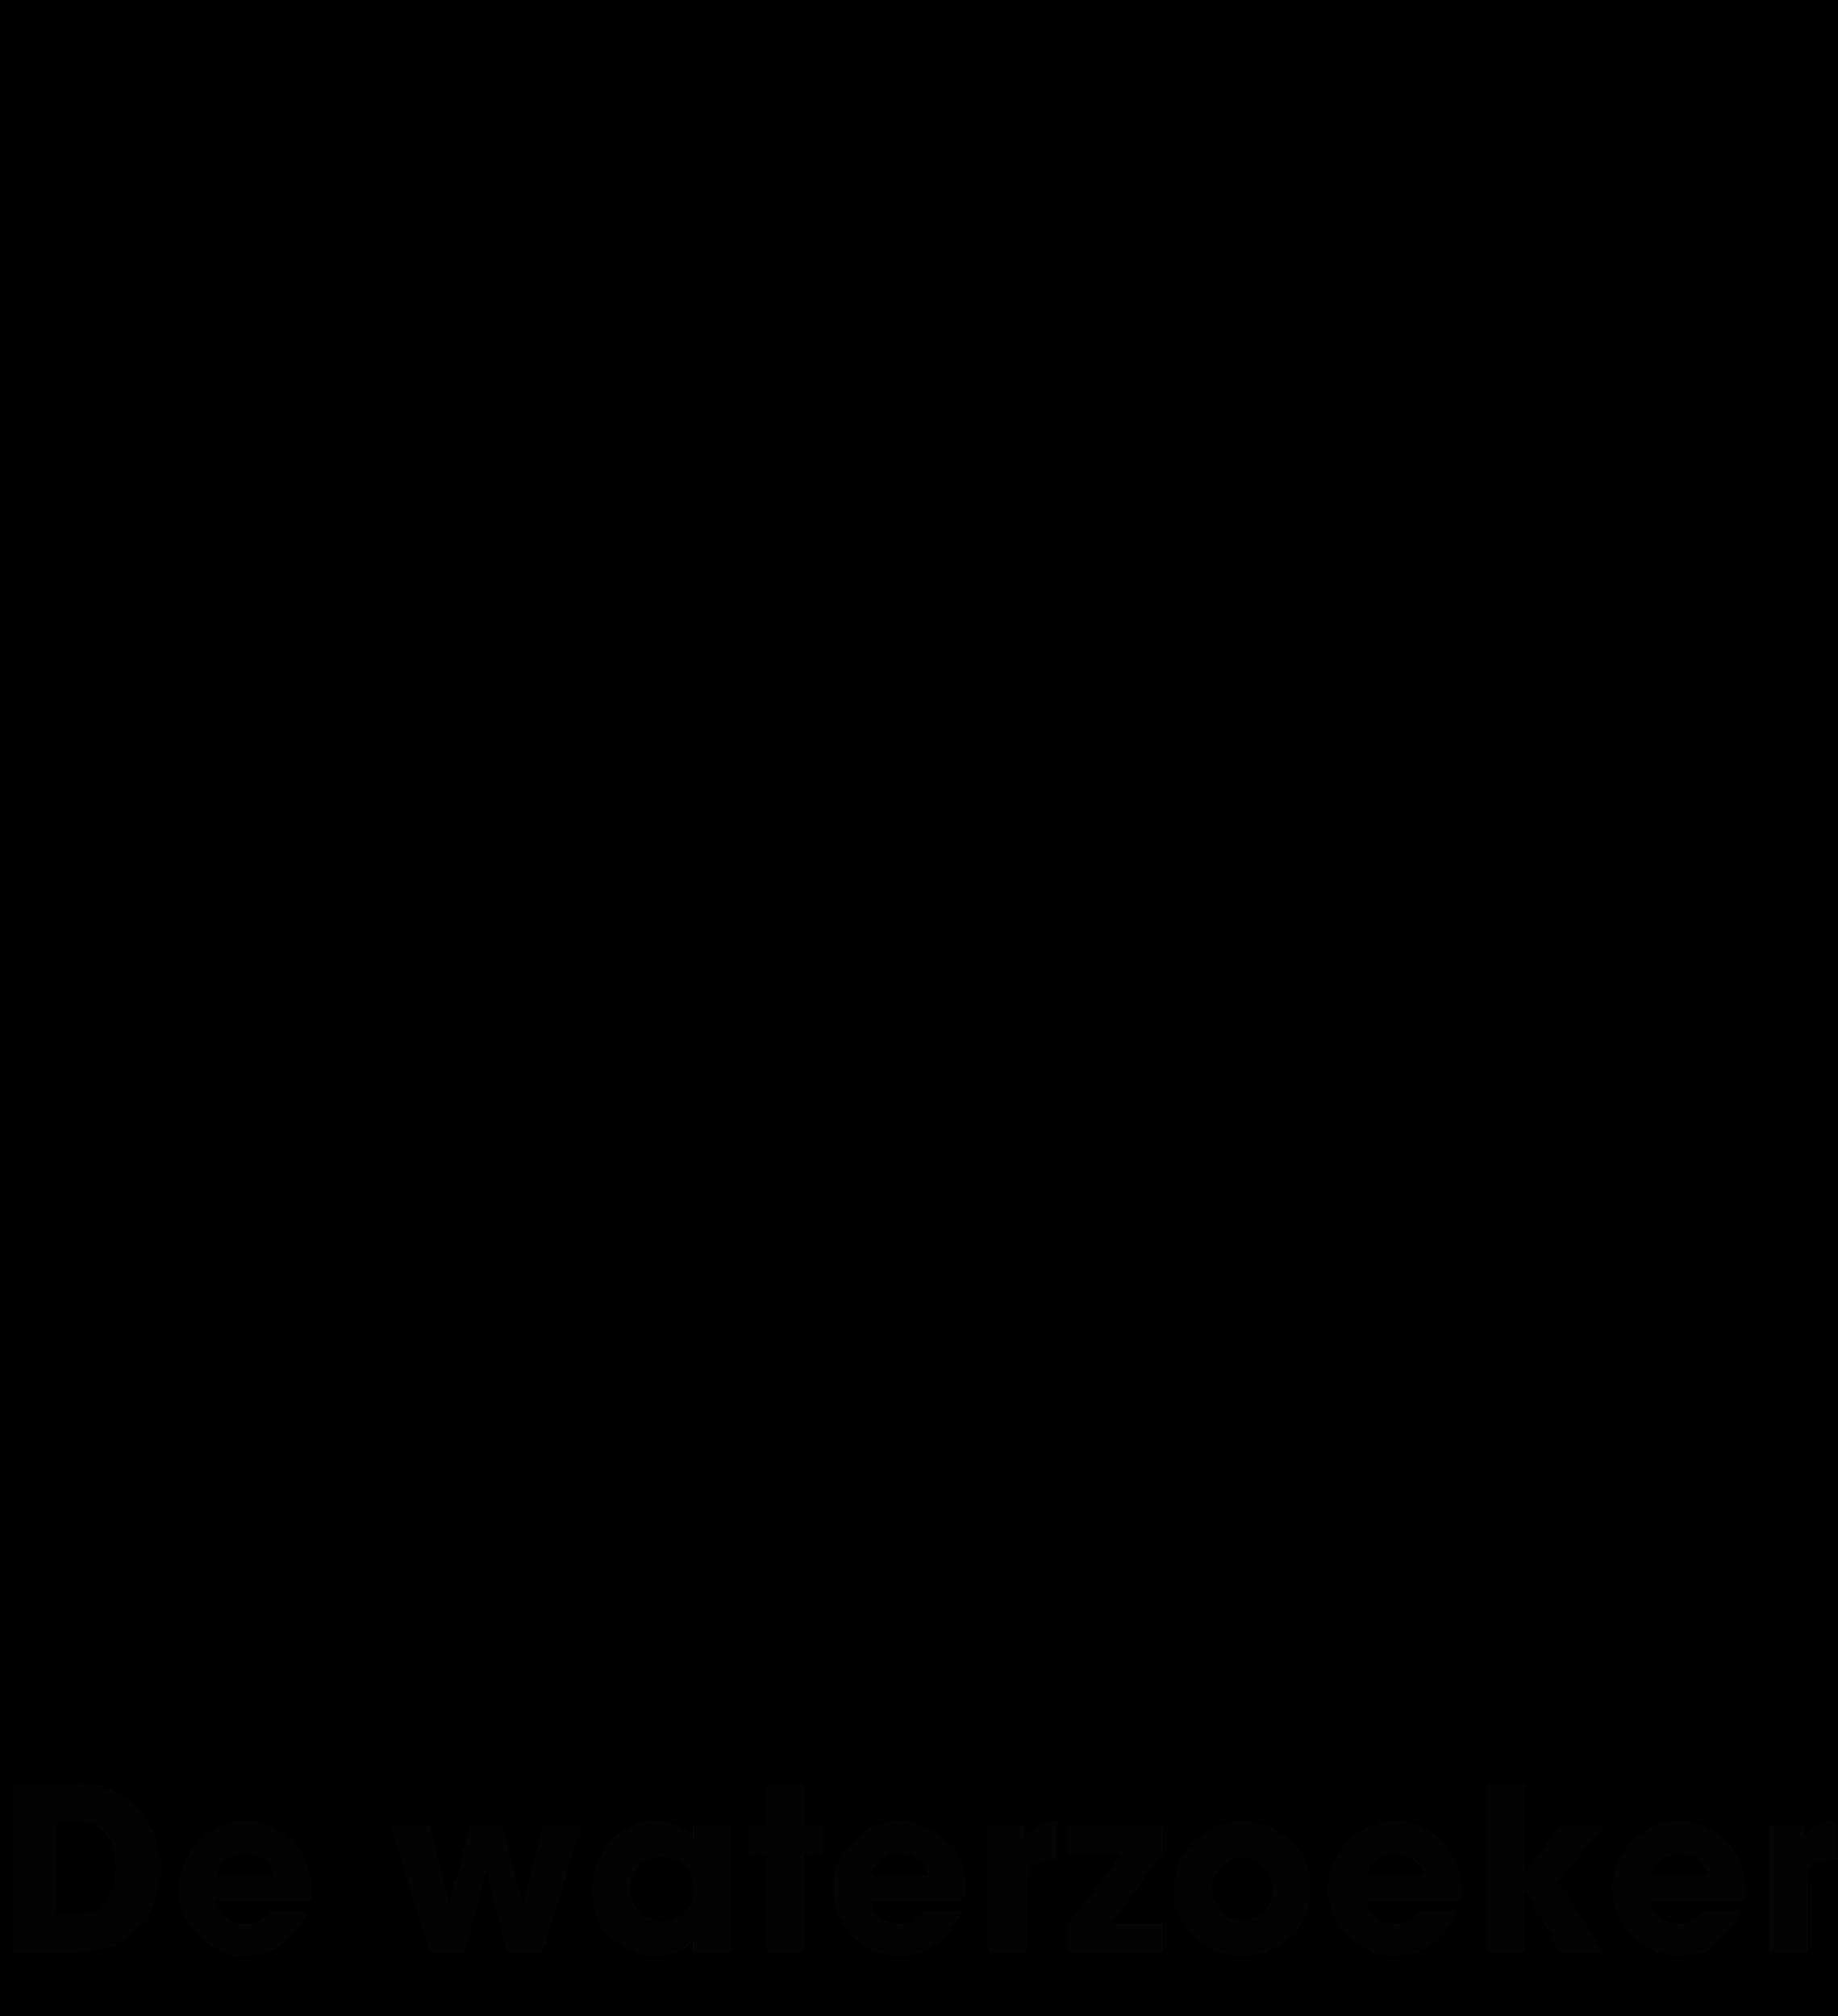 De waterzoeker